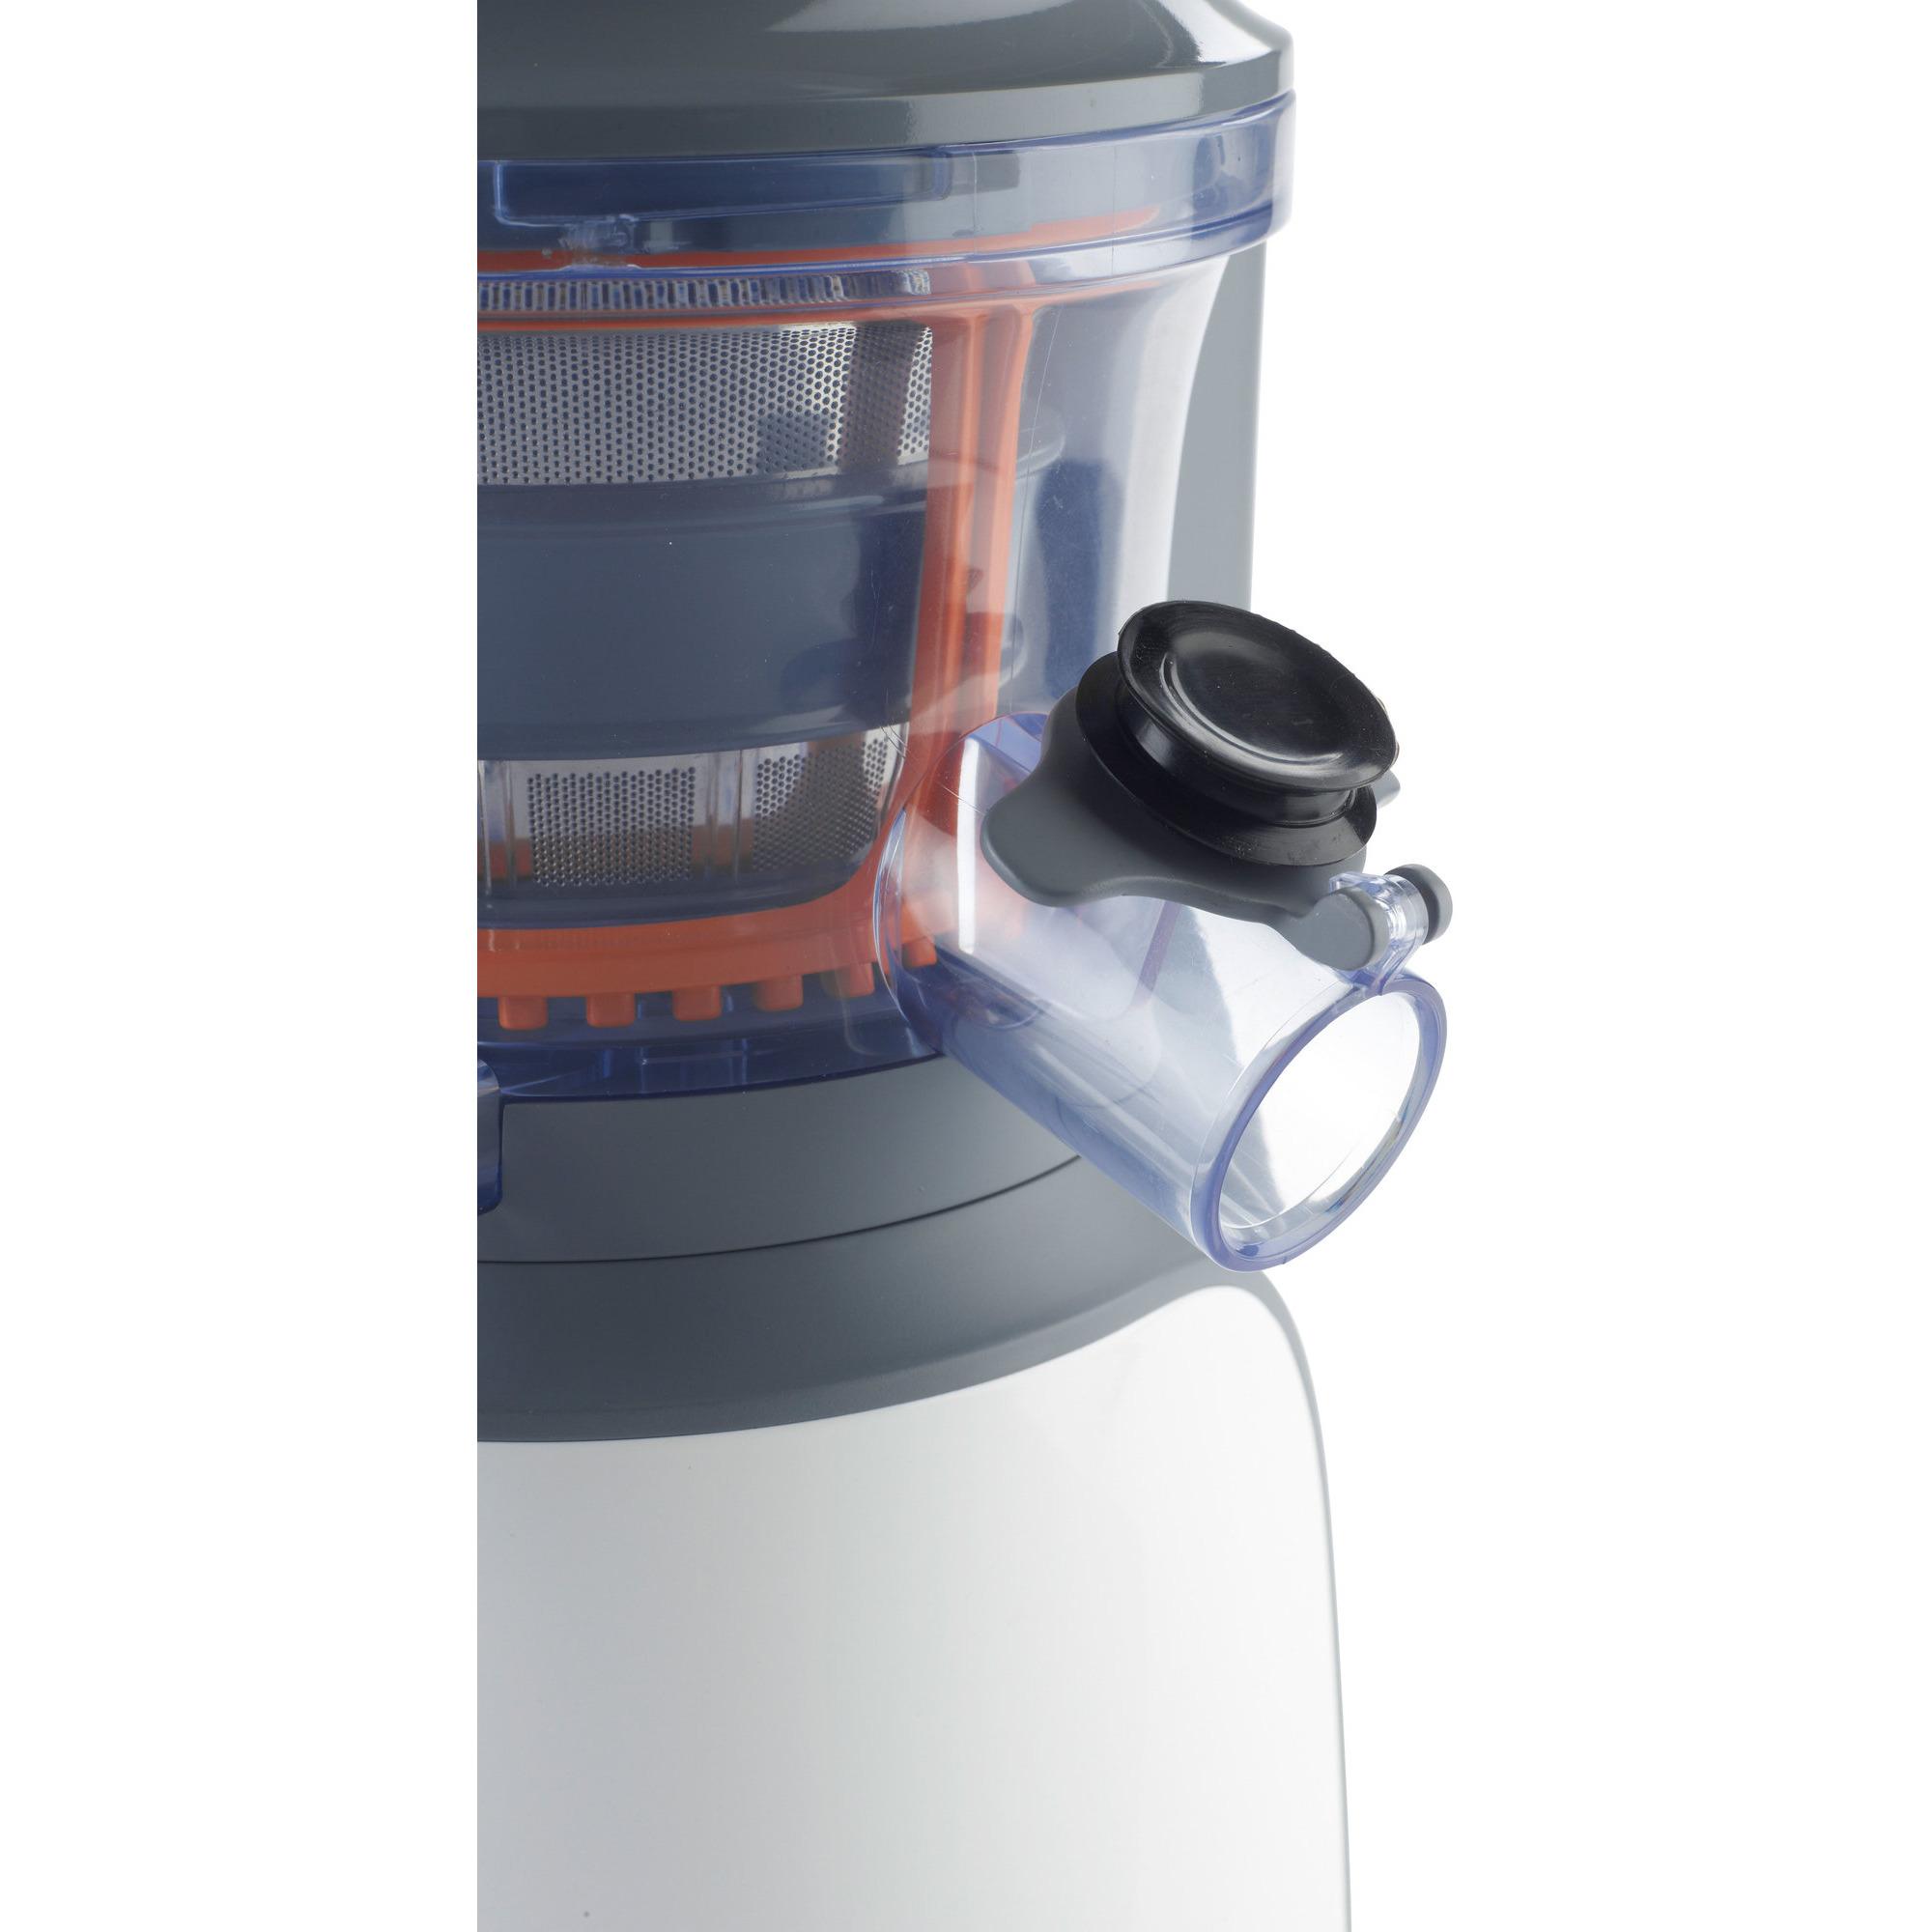 Wilfa Slow Juicer Kop Og Kande : JMP600WH PureJuice Slow Juicer fra Kenwood Gratis Levering